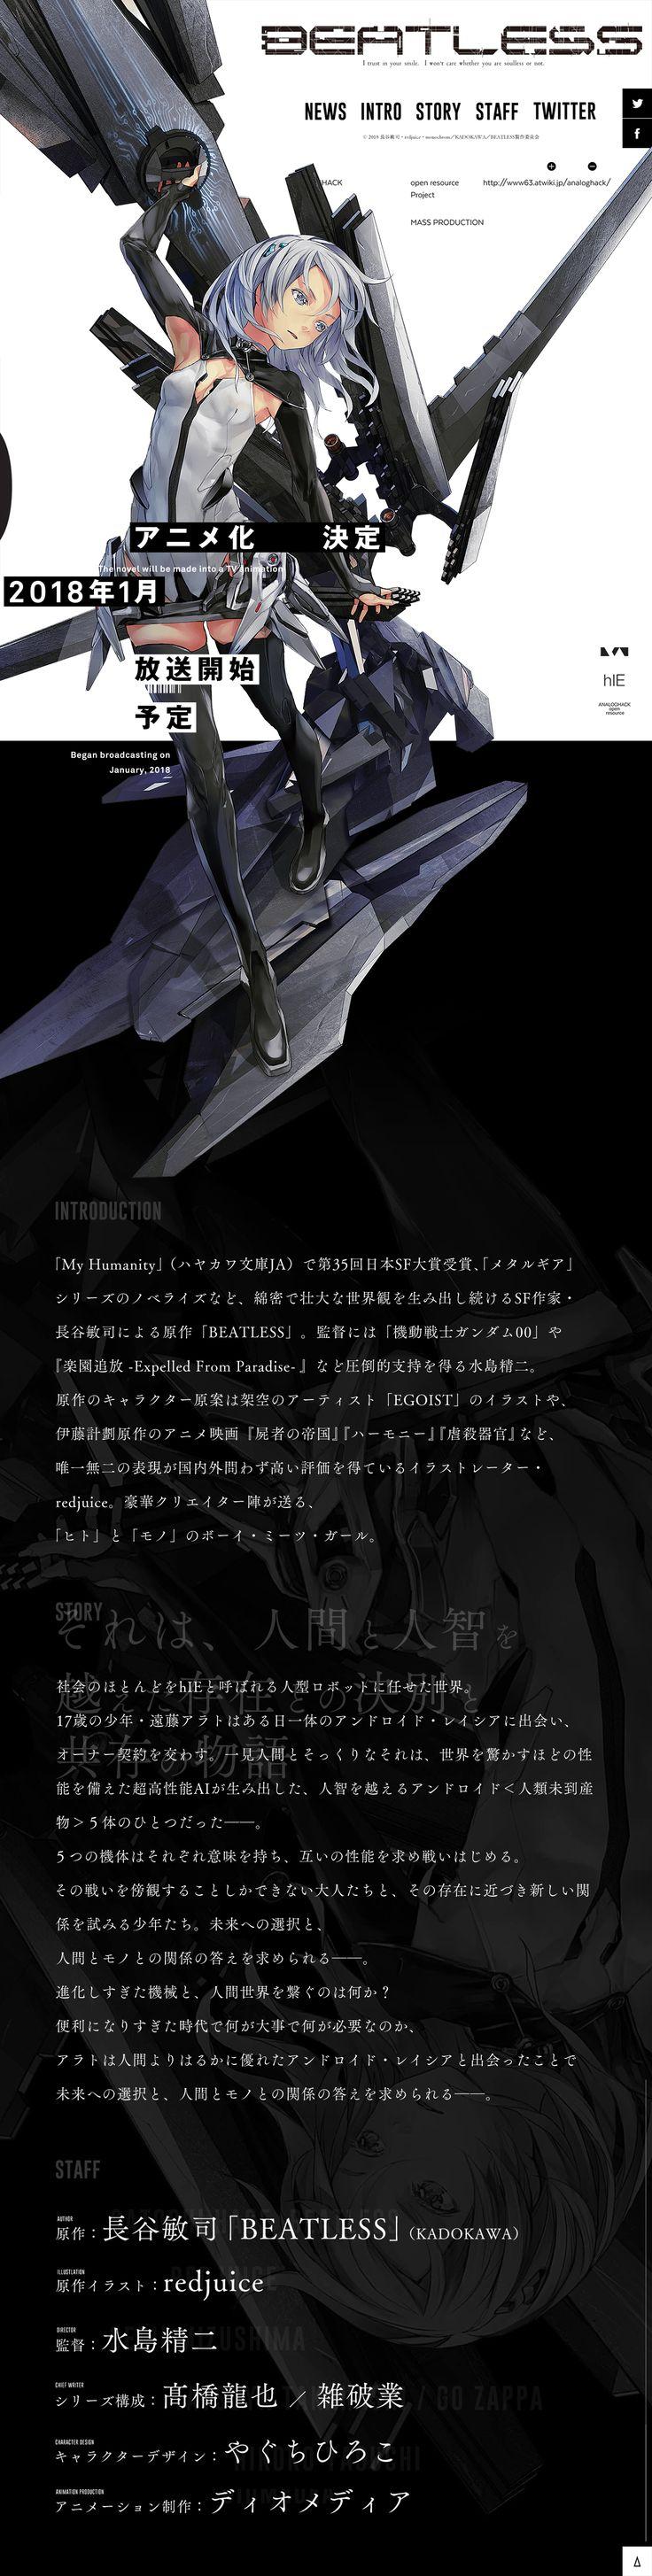 TVアニメ「BEATLESS ビートレス」公式サイト